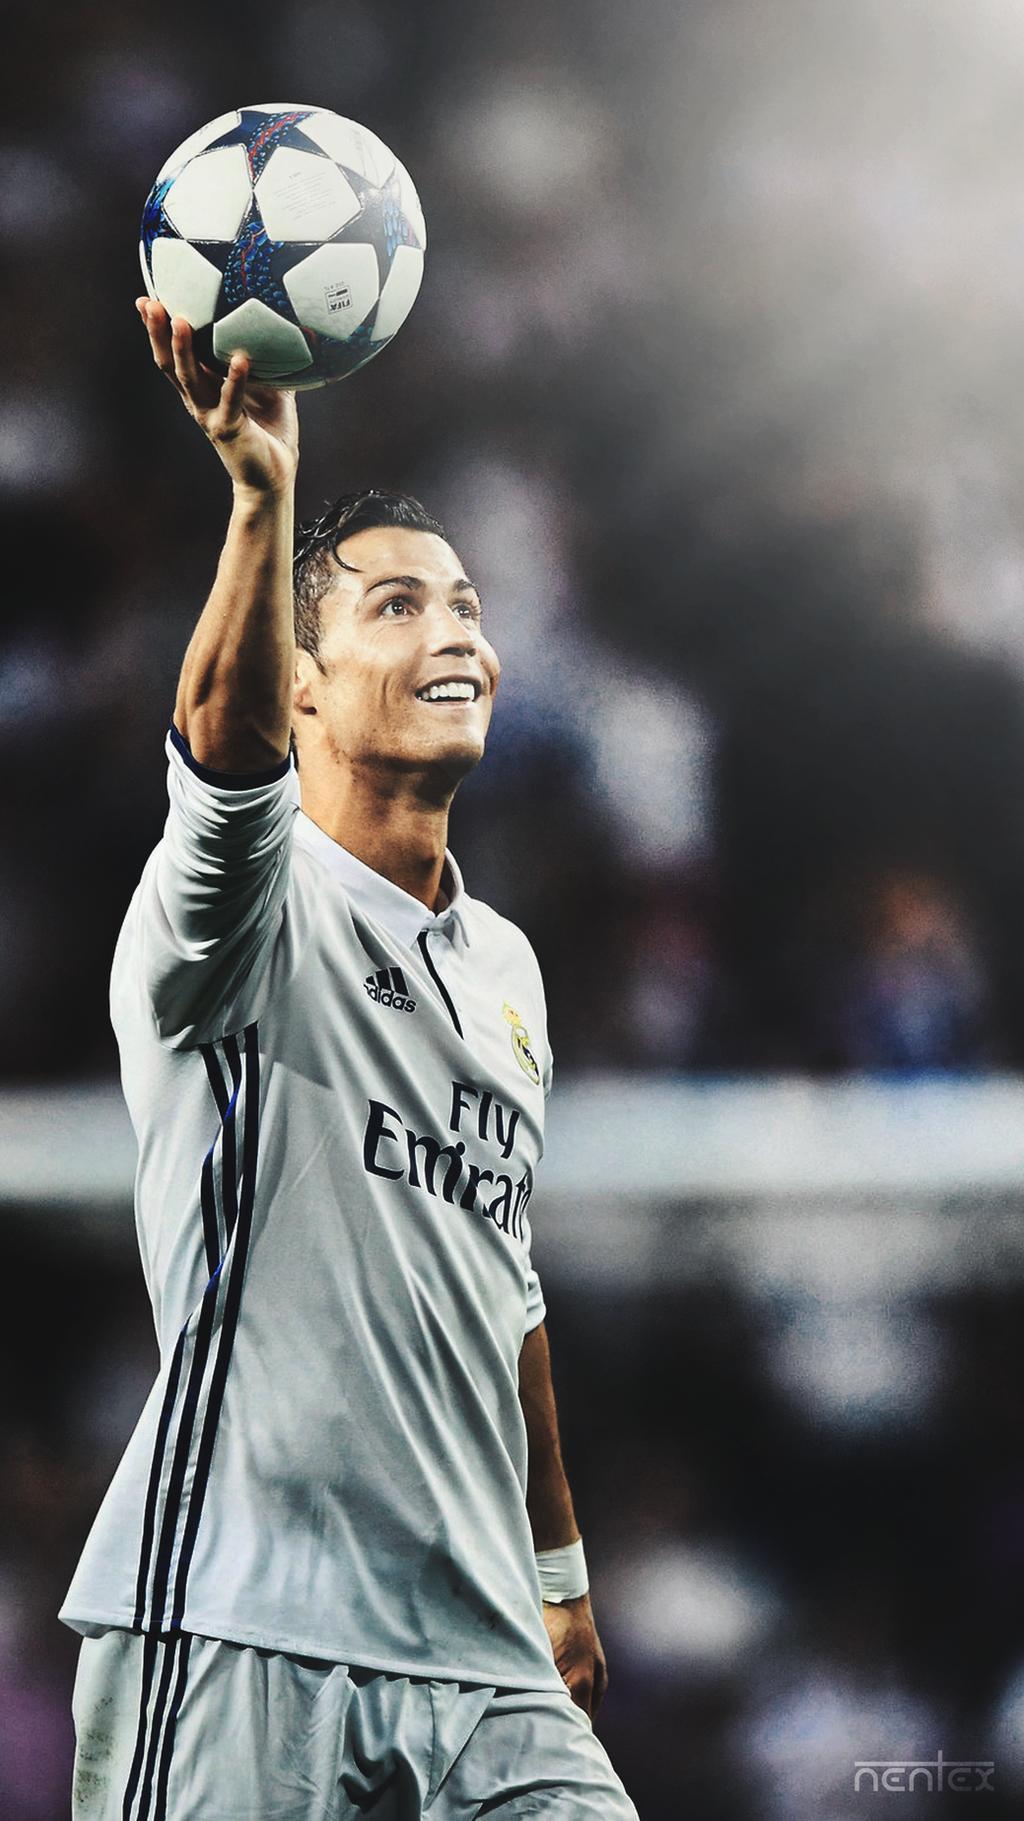 Mobile Wallpaper | Cristiano Ronaldo by enihal on DeviantArt